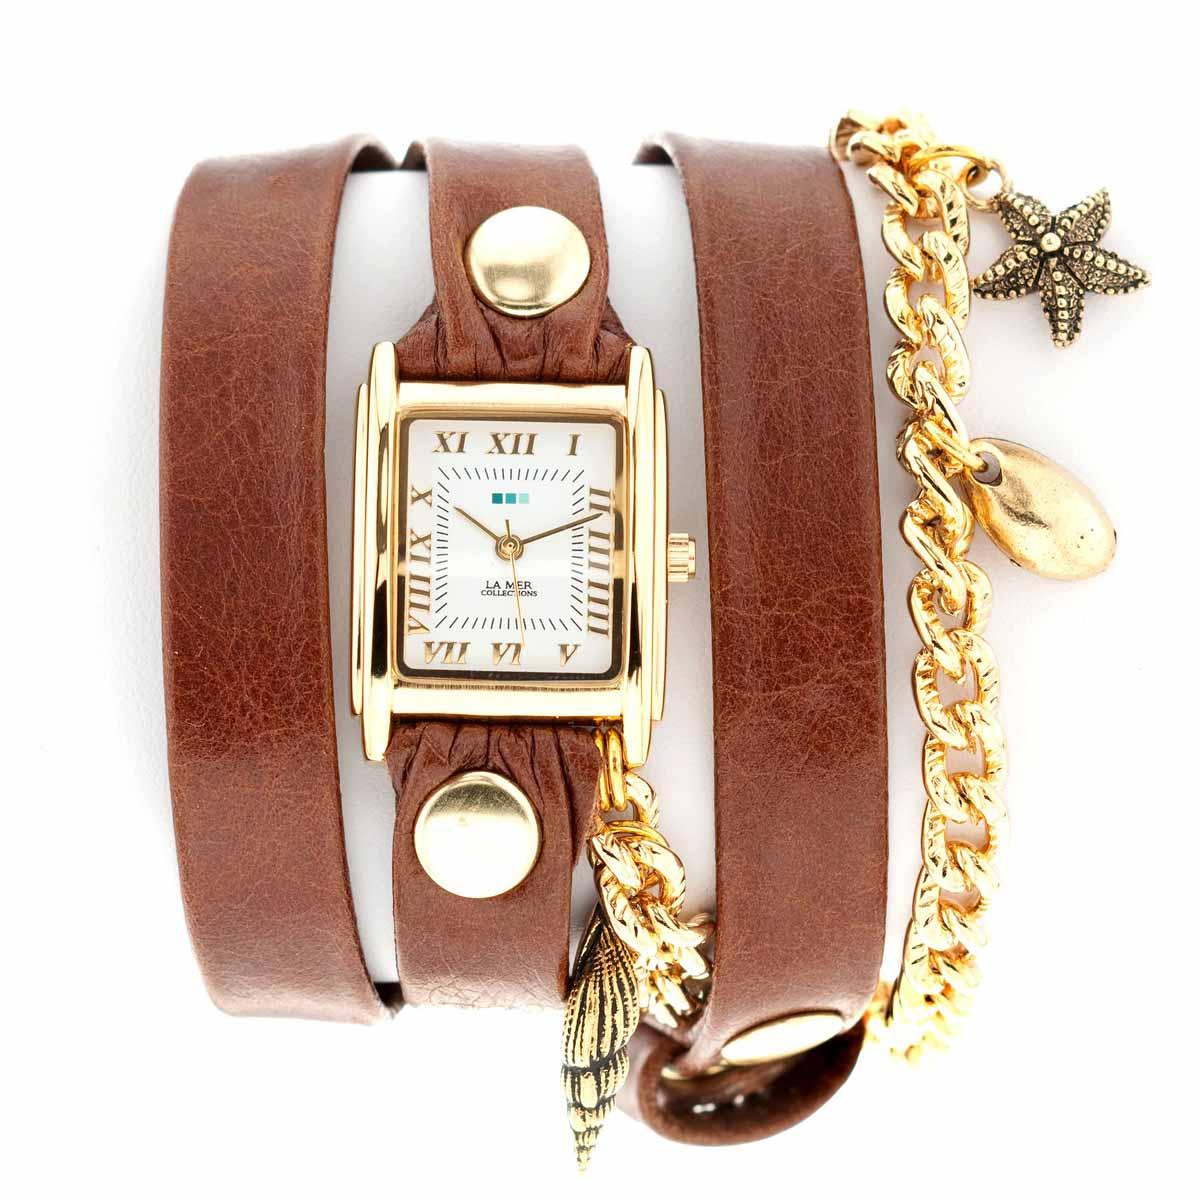 Часы женские наручные La Mer Collections Charm Seashells. LMCW4021xLMCW4021xЖенские наручные часы Charm Seashells позволят вам выделиться из толпы и подчеркнуть свою индивидуальность. Часы оснащены японским кварцевым механизмом SEIKO. Ремешок выполнен из натуральной итальянской кожи и оформлен позолоченной цепочкой, декорированной подвесками в виде ракушек. Корпус часов изготовлен из сплава металлов золотистого цвета. Циферблат оснащен часовой, минутной и секундной стрелками и защищен минеральным стеклом. Циферблат оформлен римскими цифрами и отметками. Часы застегиваются на классическую застежку. Часы хранятся на специальной подушечке в футляре из искусственной кожи, крышка которого оформлена логотипом компании La Mer Collection.